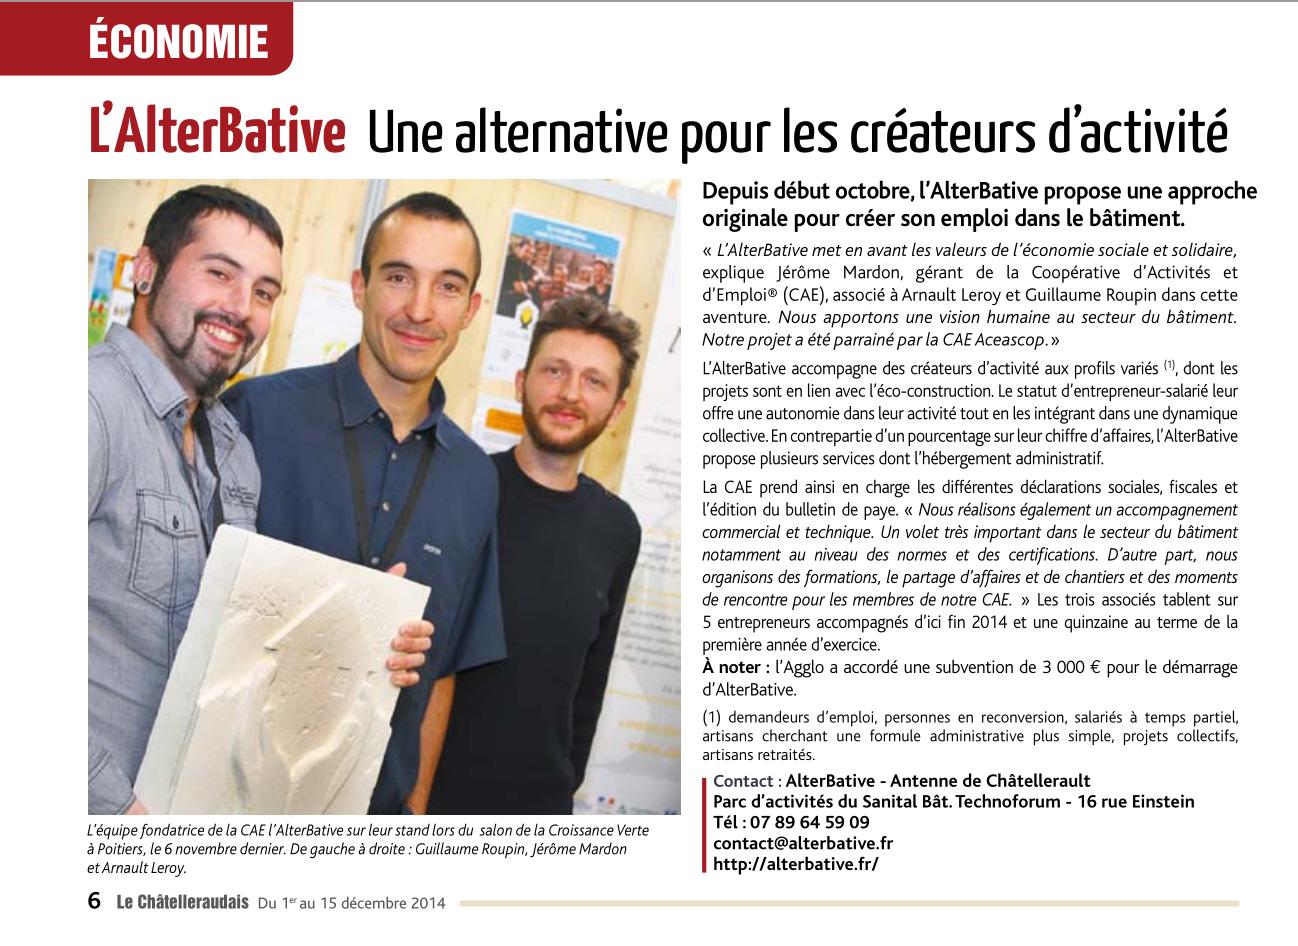 Article Le Châtelleraudais